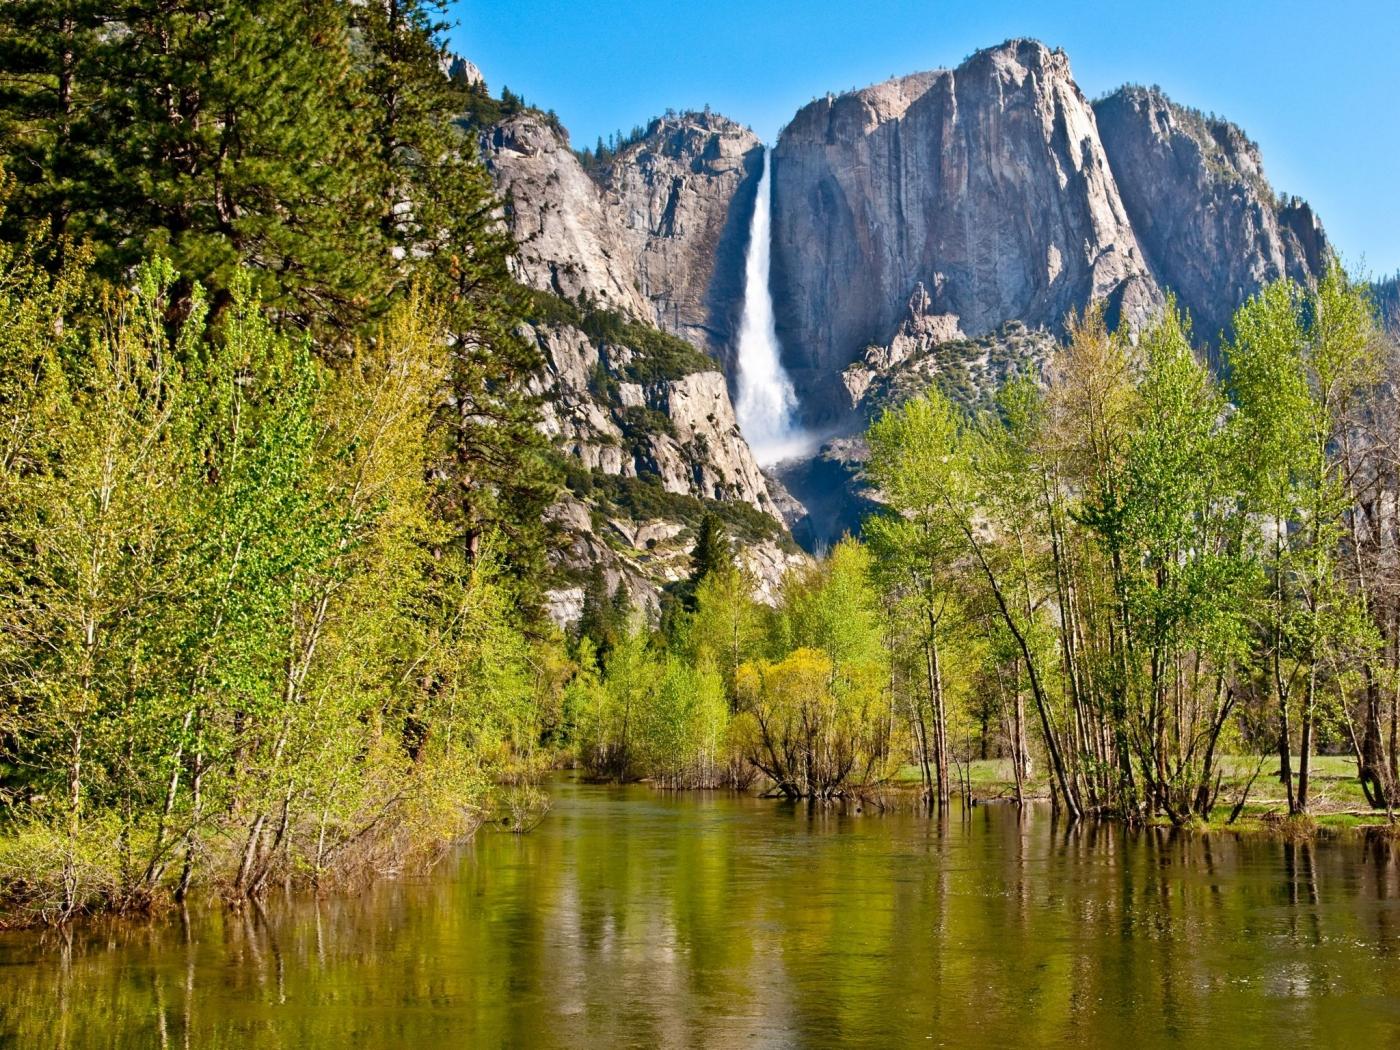 32337 télécharger le fond d'écran Paysage, Montagnes, Cascades - économiseurs d'écran et images gratuitement